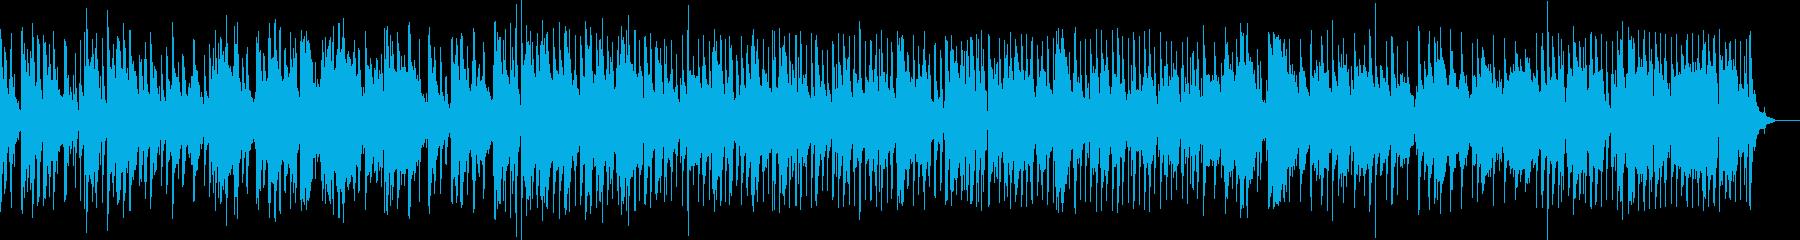 おしゃれに奏でるジャズ・バラードの再生済みの波形